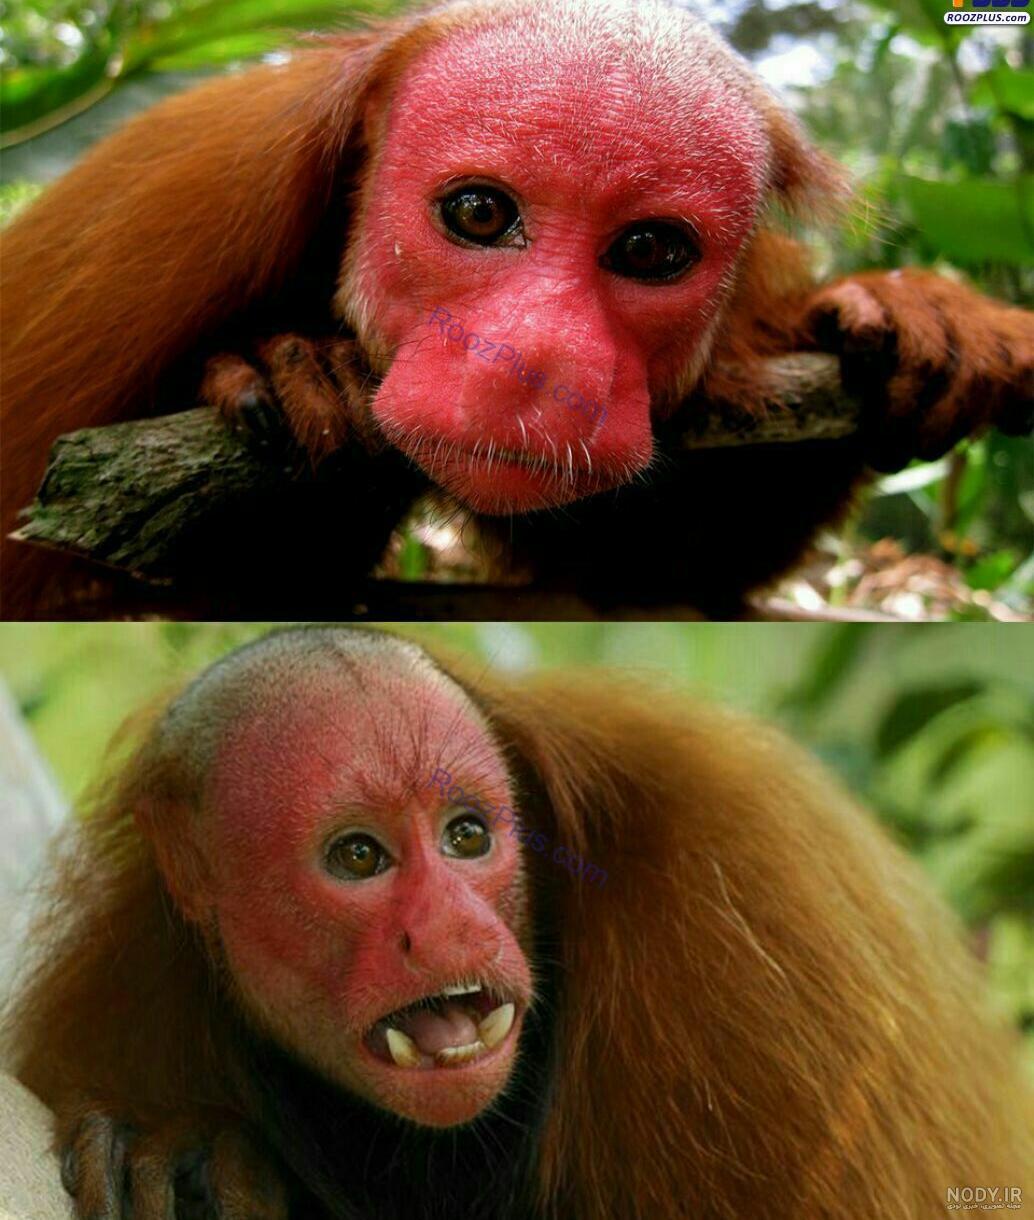 عکس میمون های ترسناک